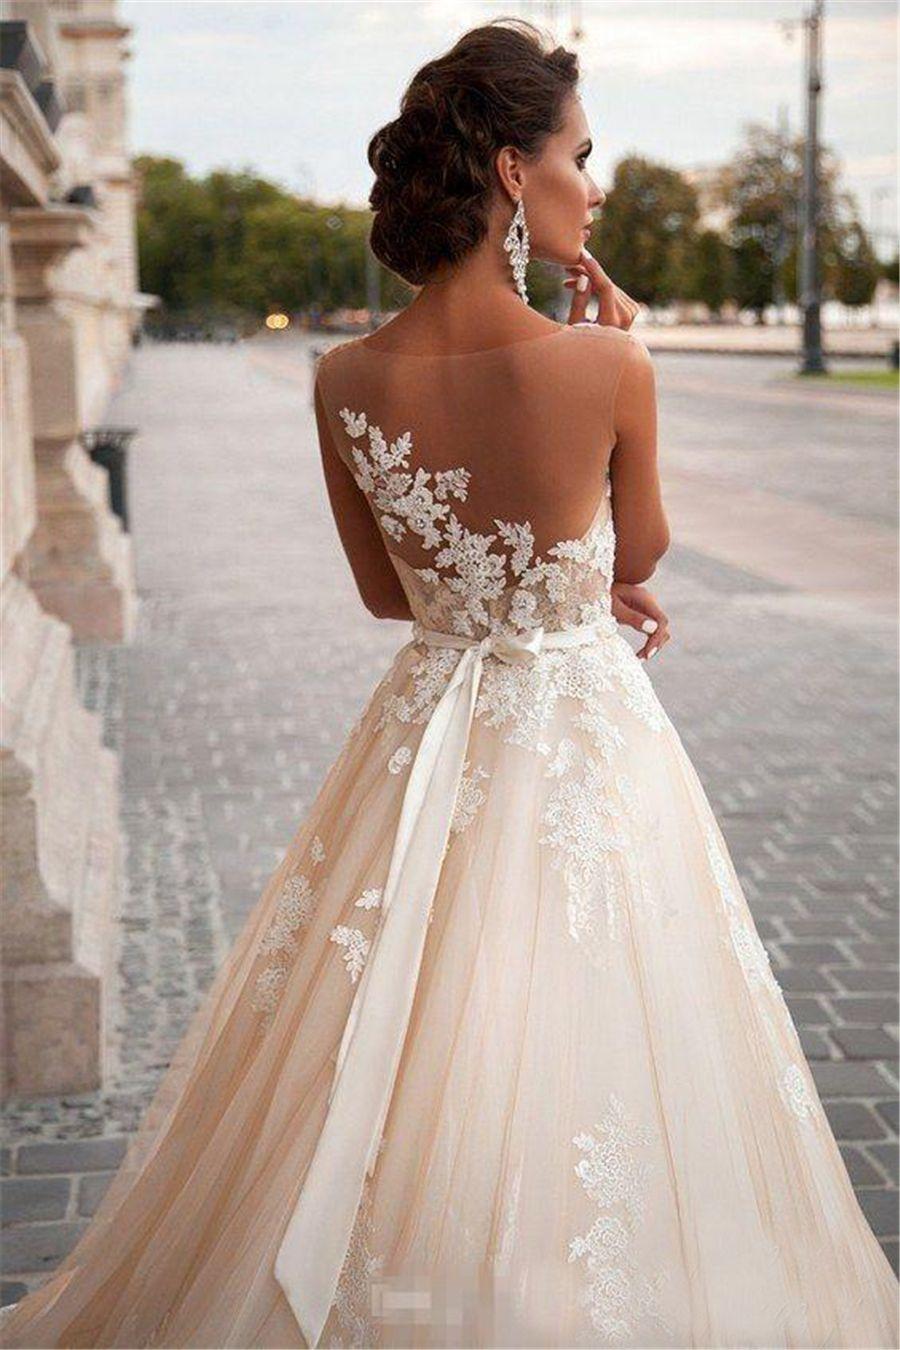 Иллюзия декольте кружева жемчуг Sexy Назад Modest Плюс Размер Свадебные платья Vintage Mila Nova шампанского принцесса свадебные платья